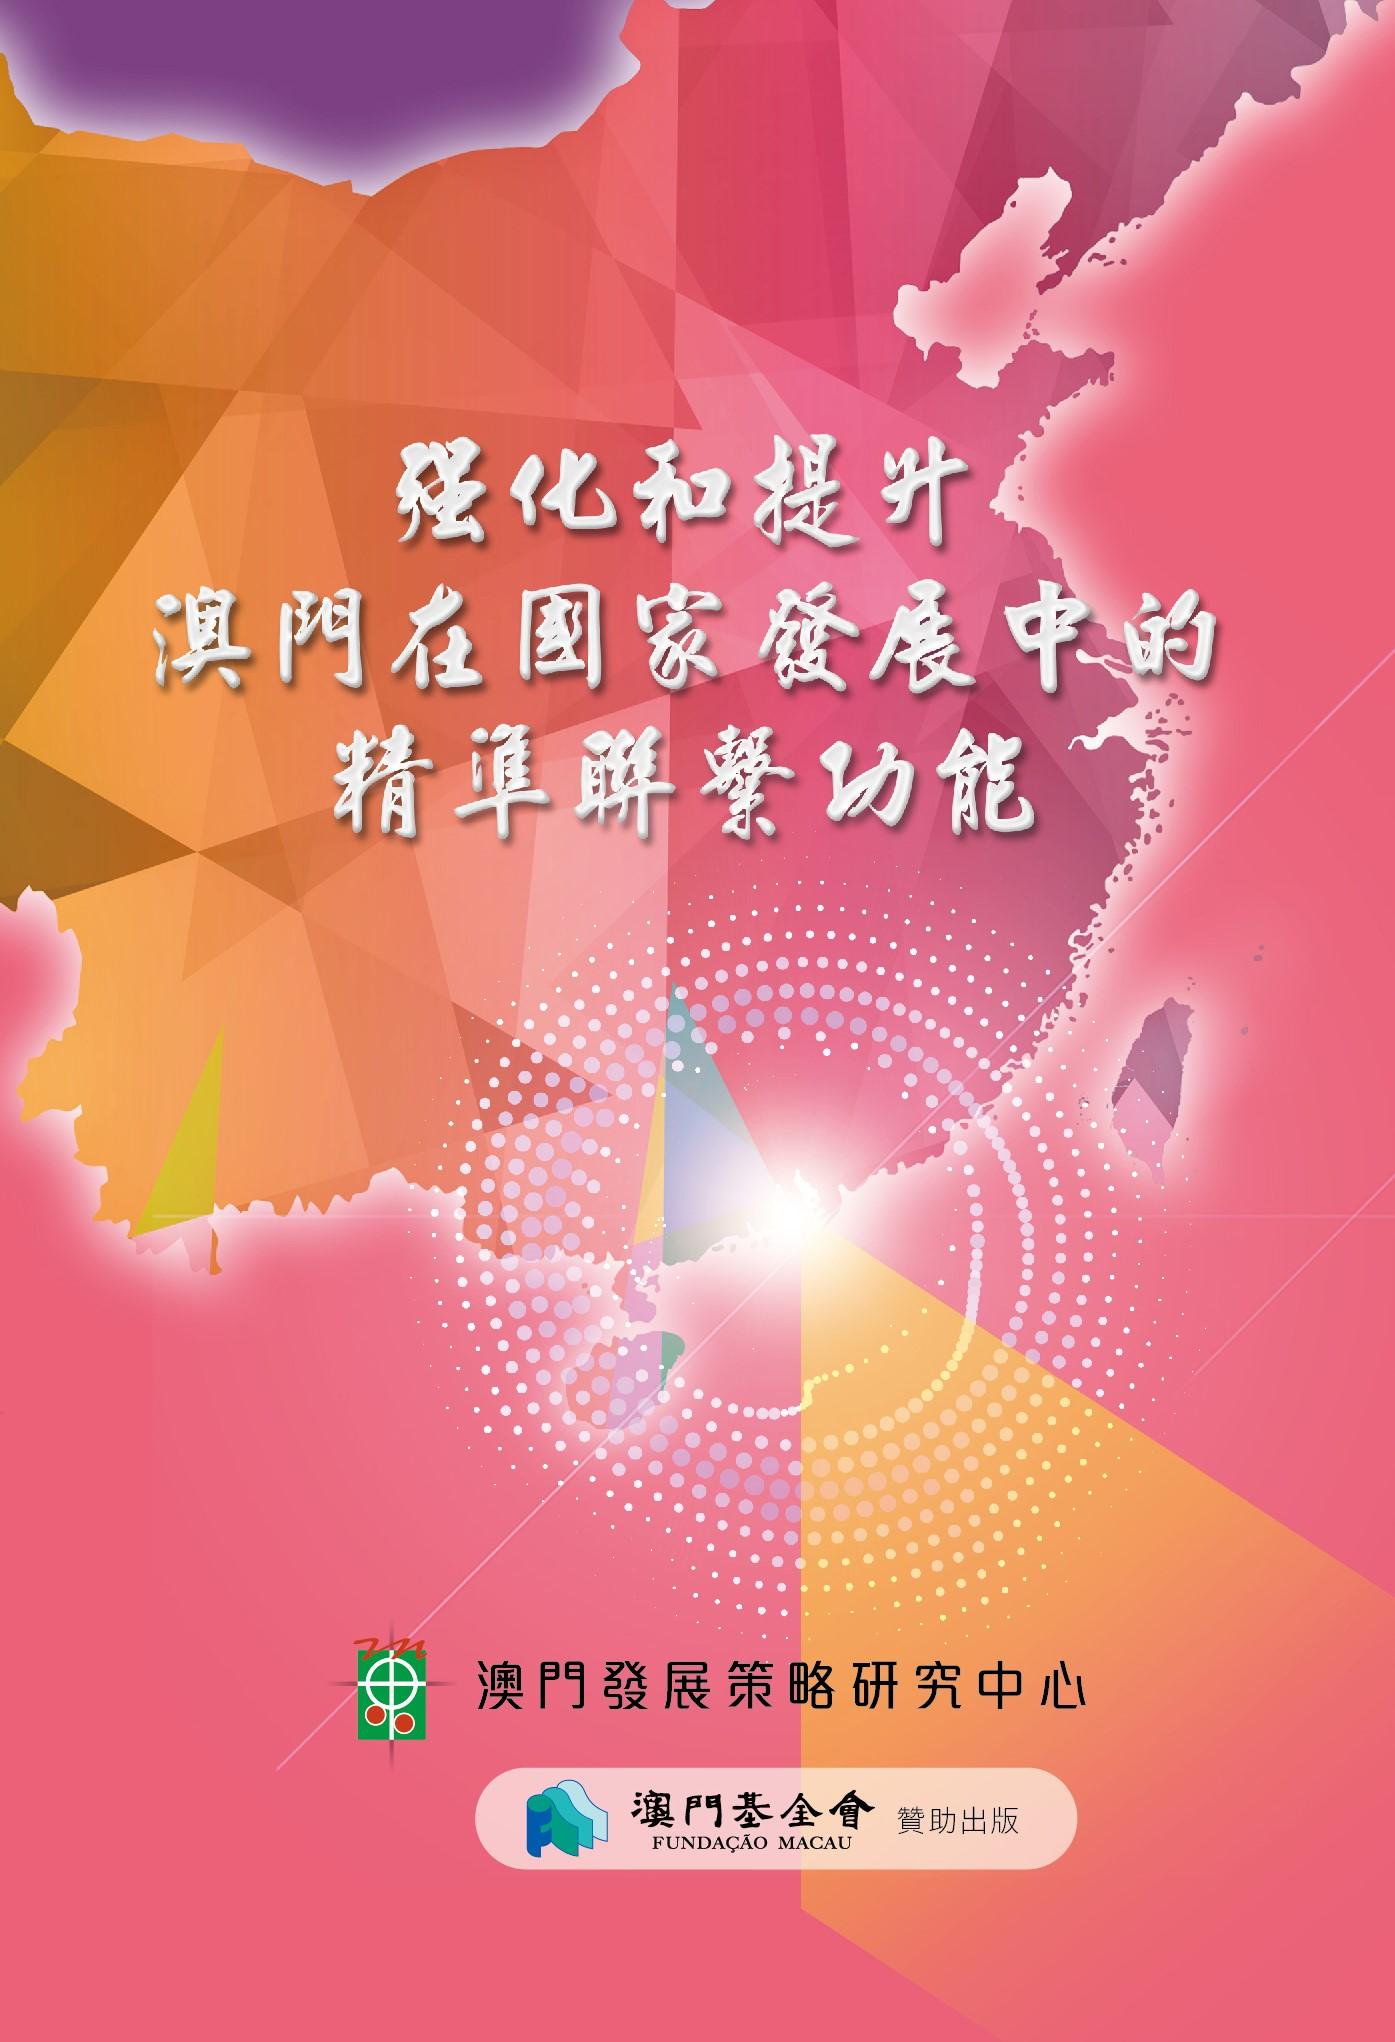 強化和提升澳門在國家發展中的精準聯繫功能